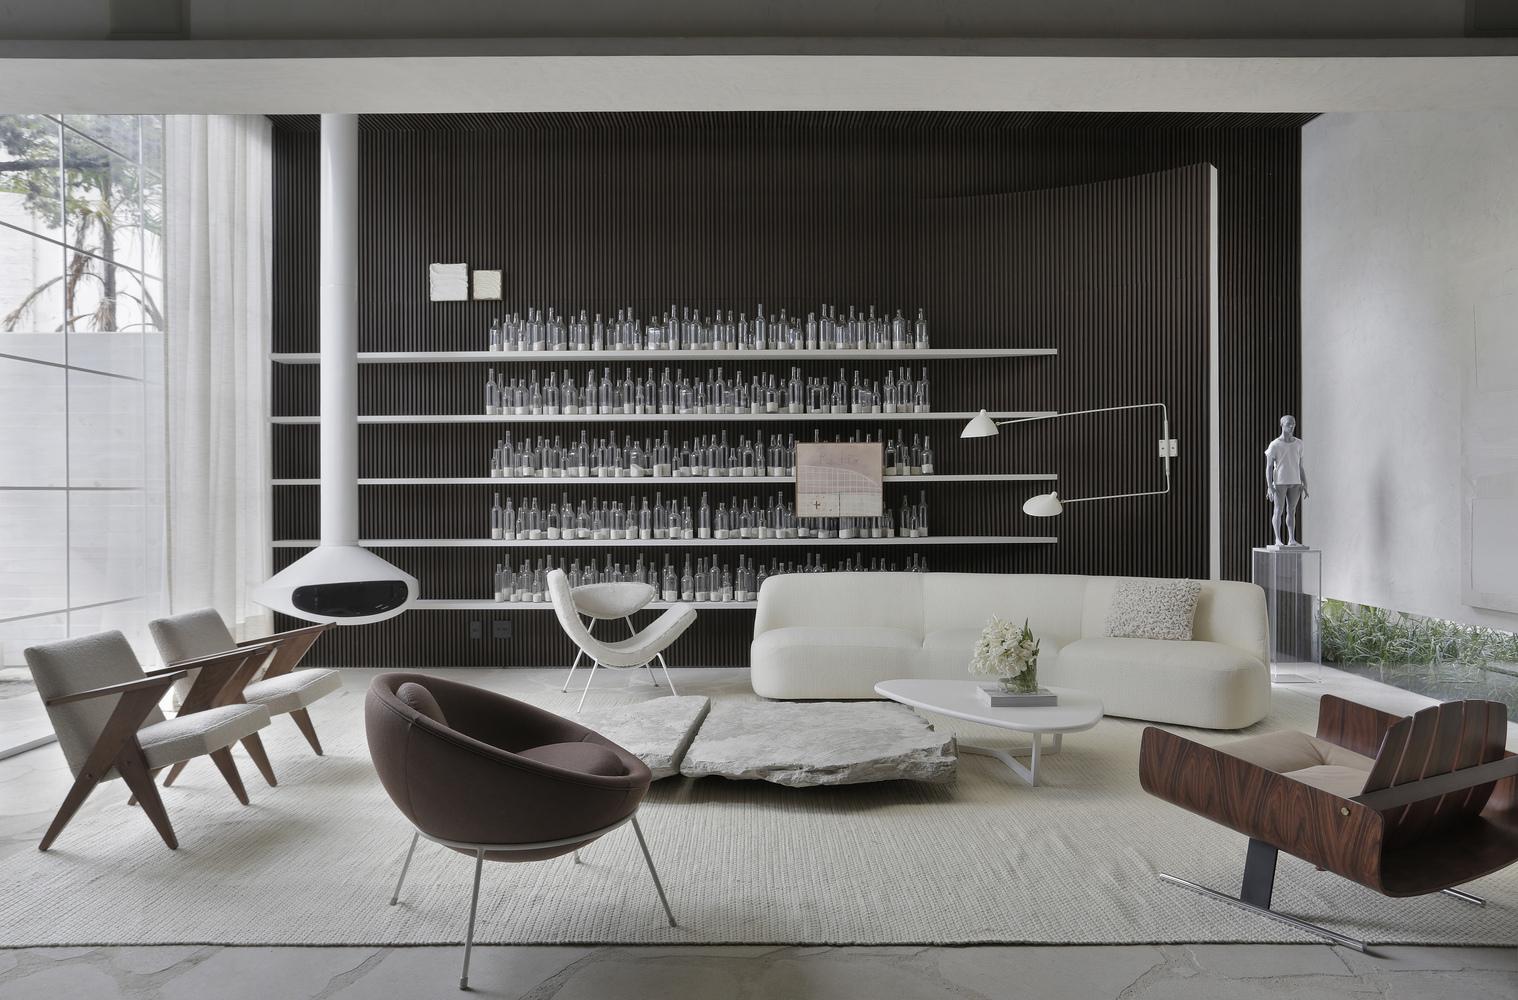 Casa Dendê Duratex - Nildo José. CASACOR São Paulo 2019.